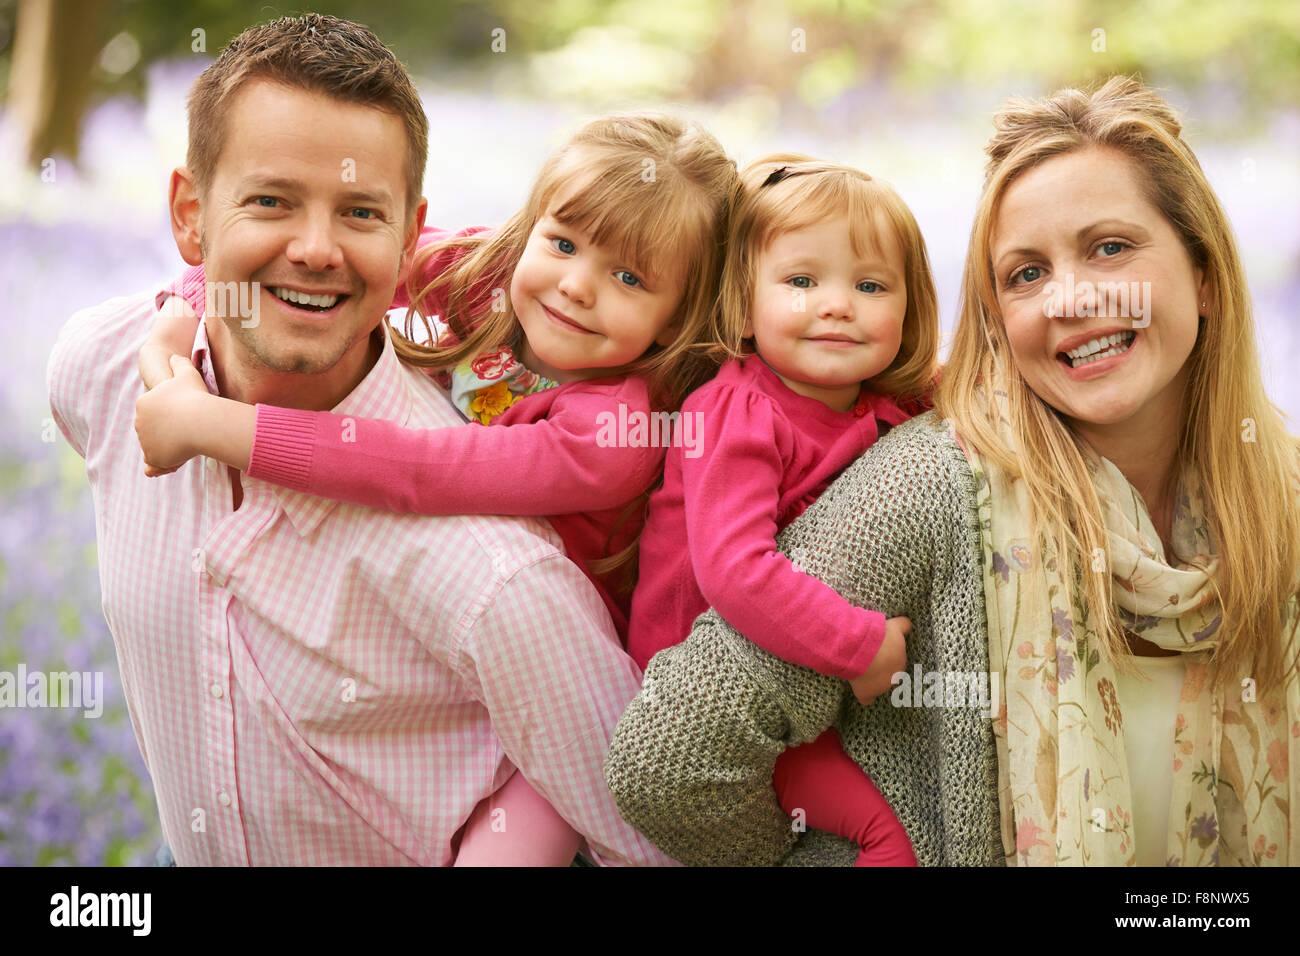 Caminando a través de la familia Bluebell Woods juntos Imagen De Stock